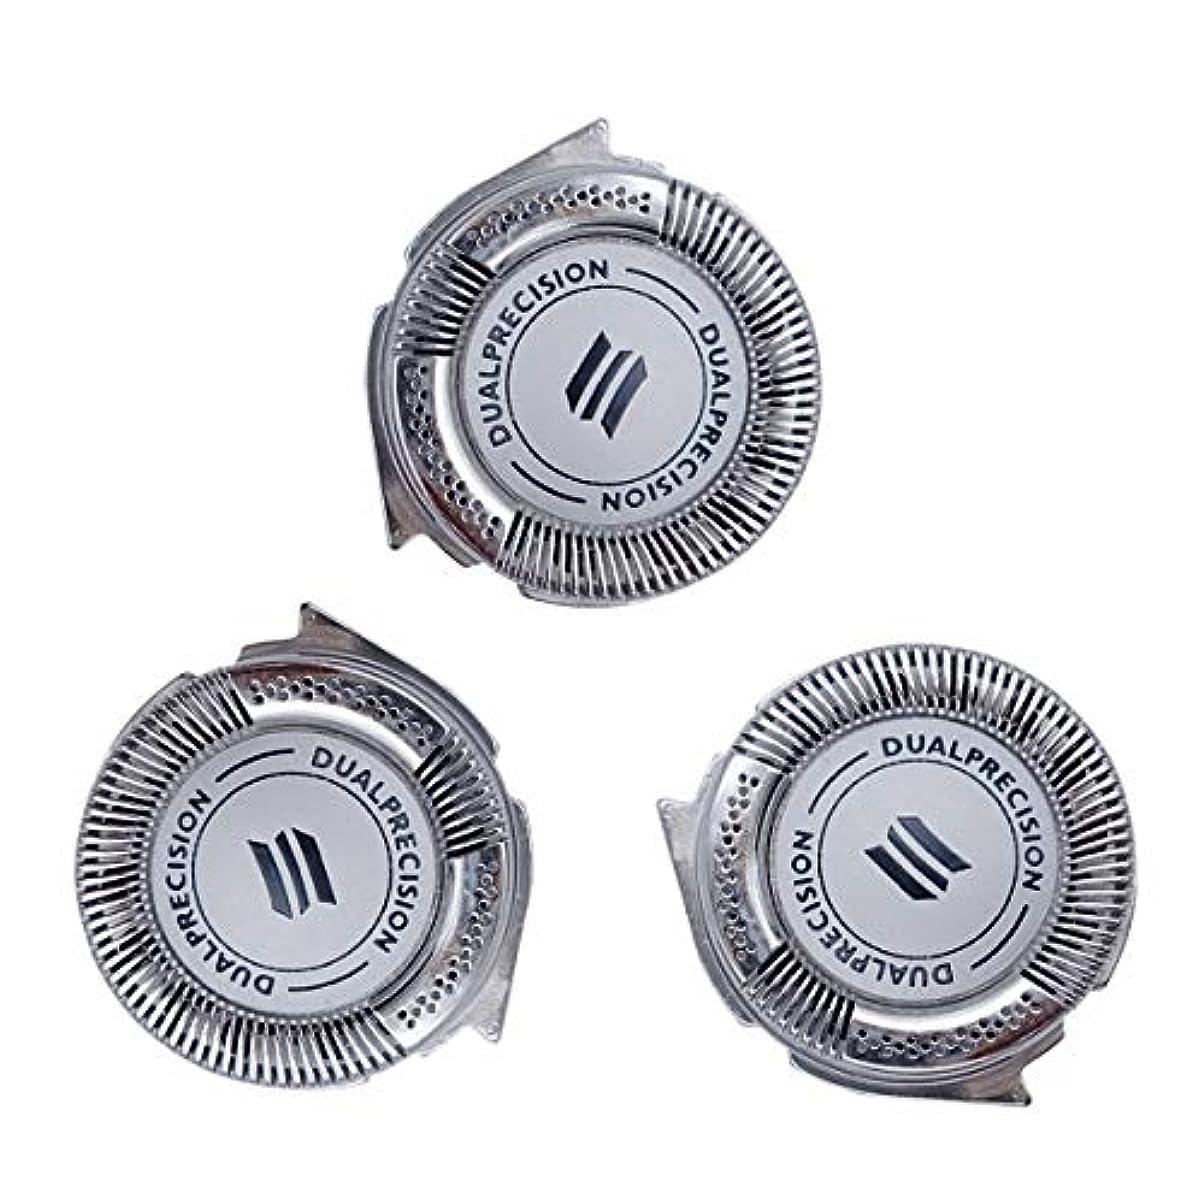 蒸留する石炭小道具シェーバーカミソリヘッド交換替え刃 に適用するPhilips HQ8 DualPrecisionヘッド(3個)